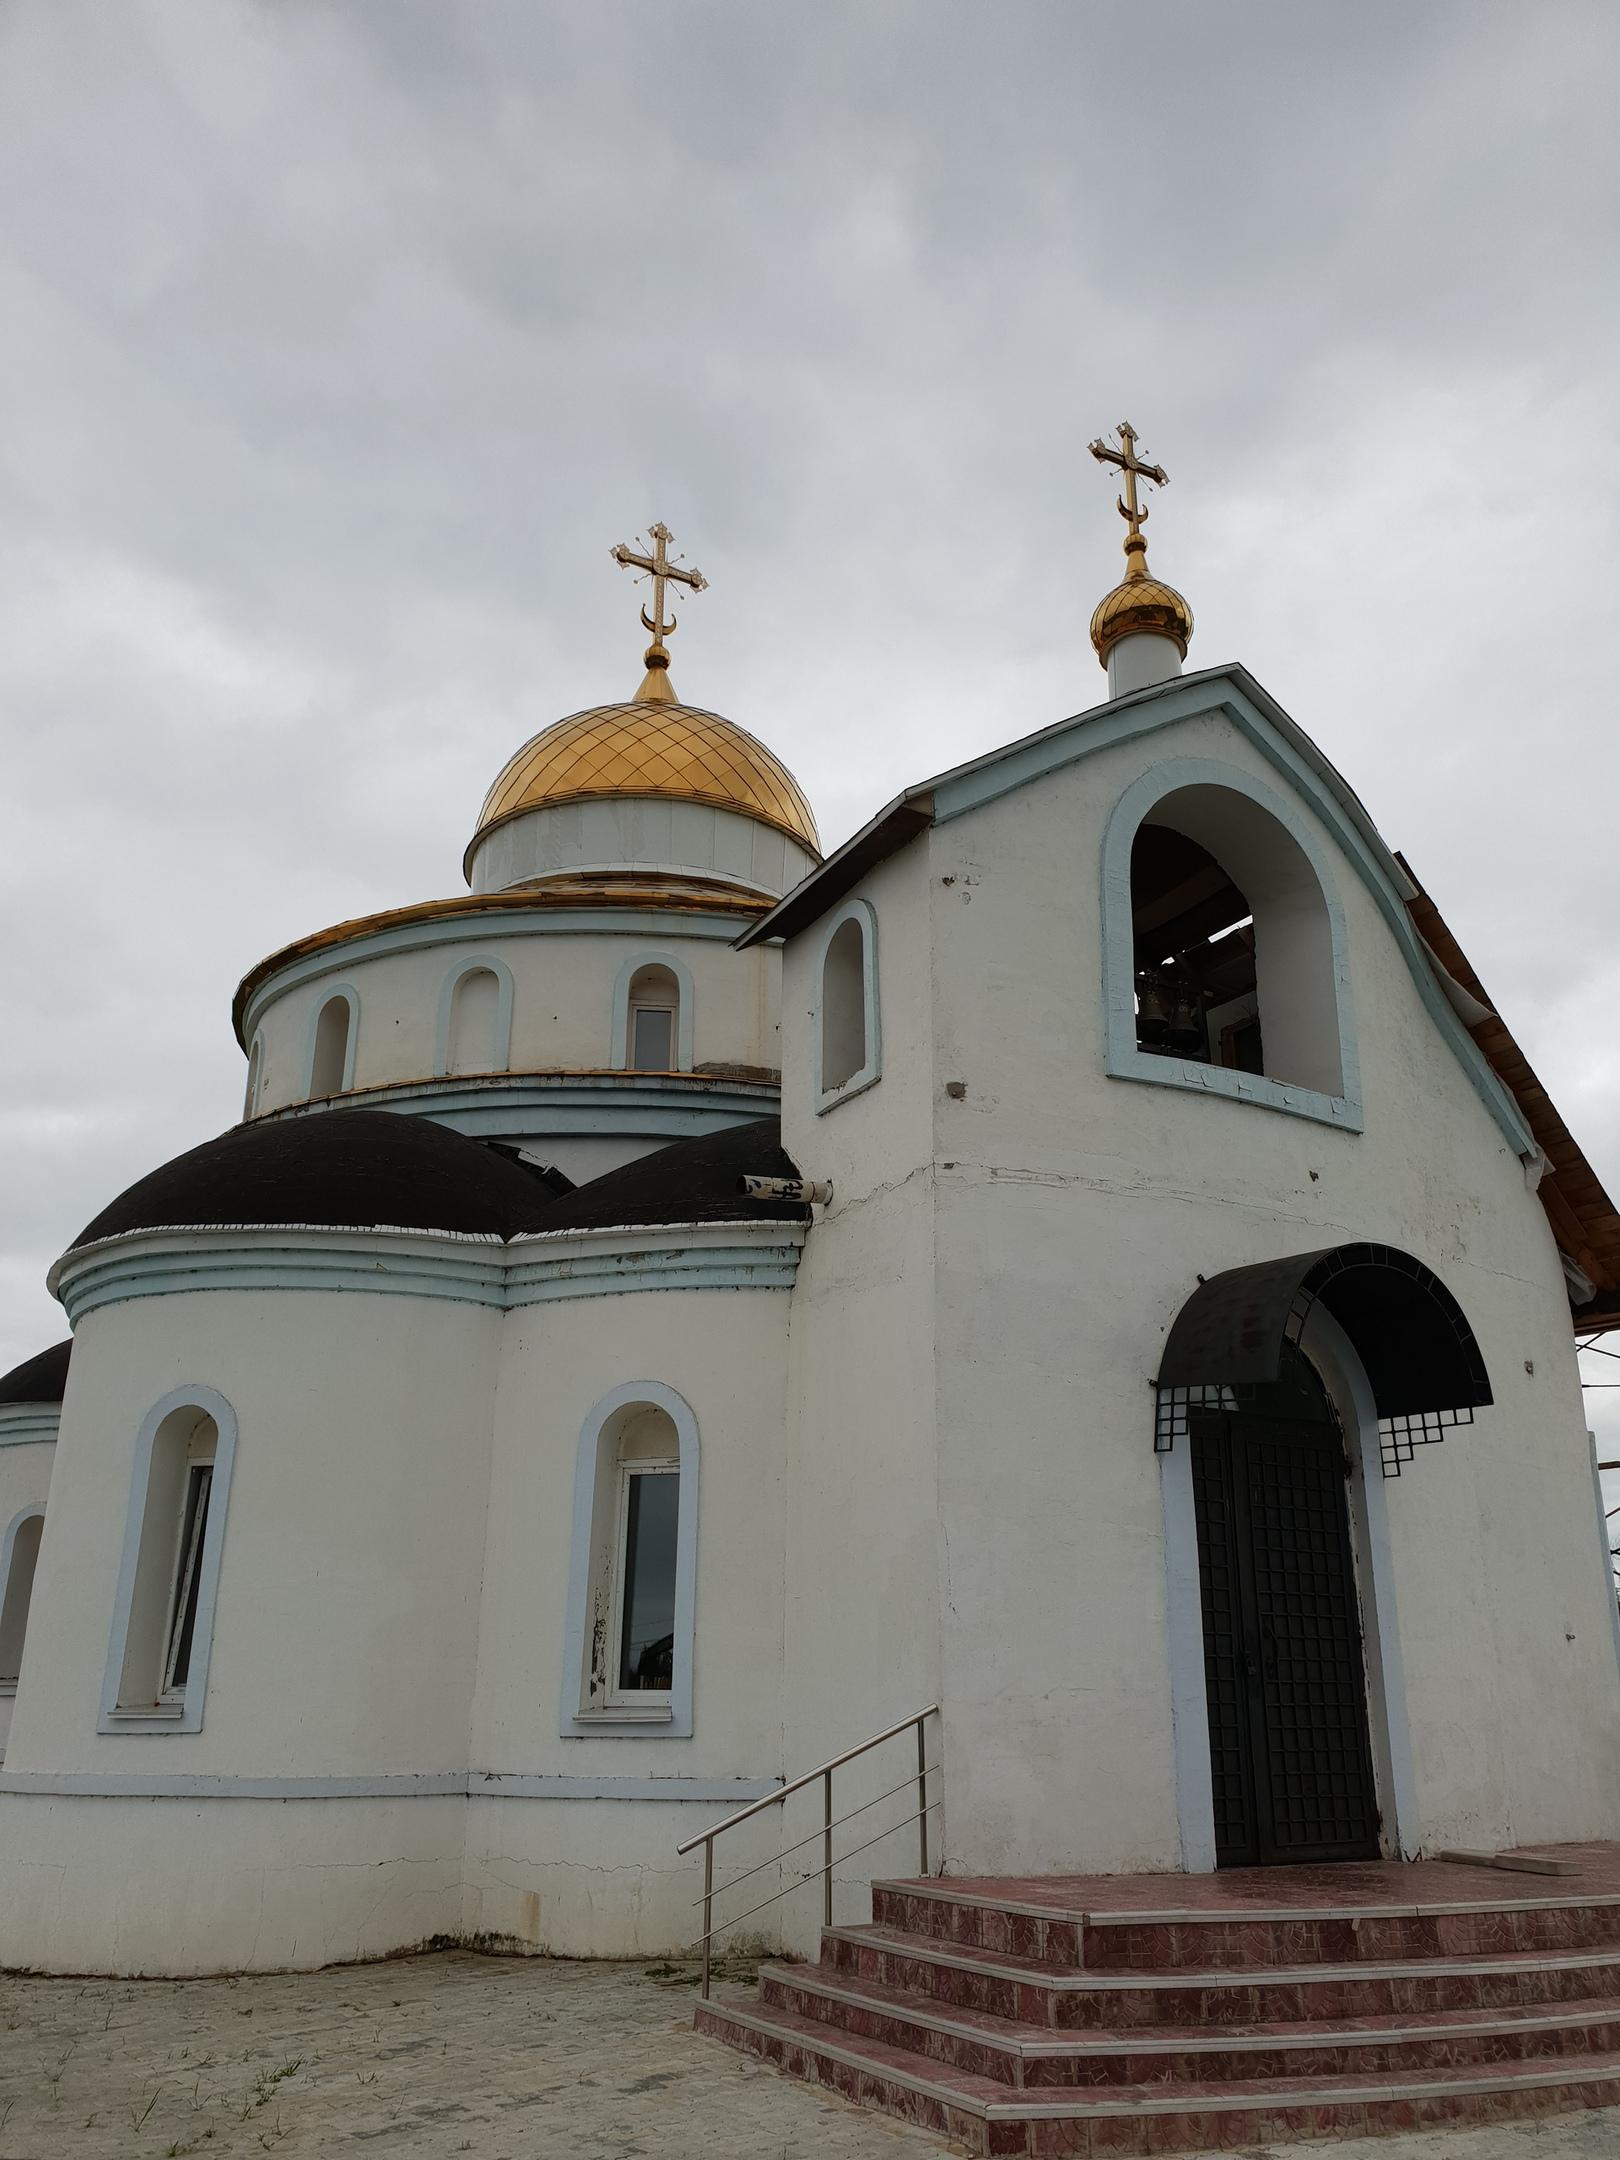 Архиепископ Биробиджанский и Кульдурский Ефрем в ходе рабочей поездки в Покровское благочиние посетил строящийся храм Покрова Пресвятой Богородицы в поселке Смидович.